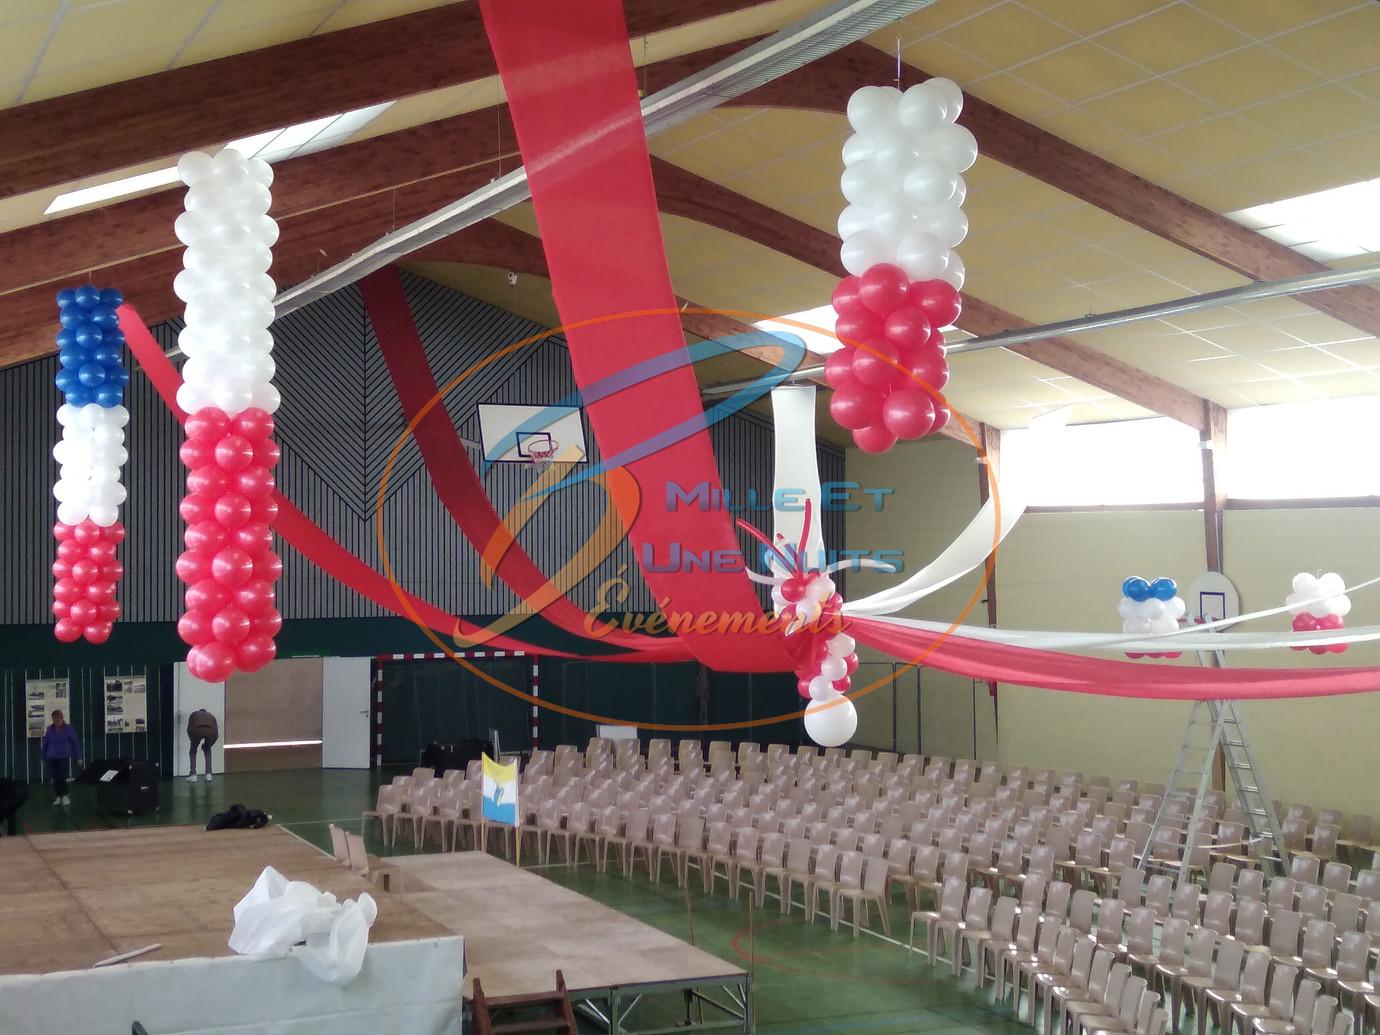 Décoration Ballon comité de jumelage